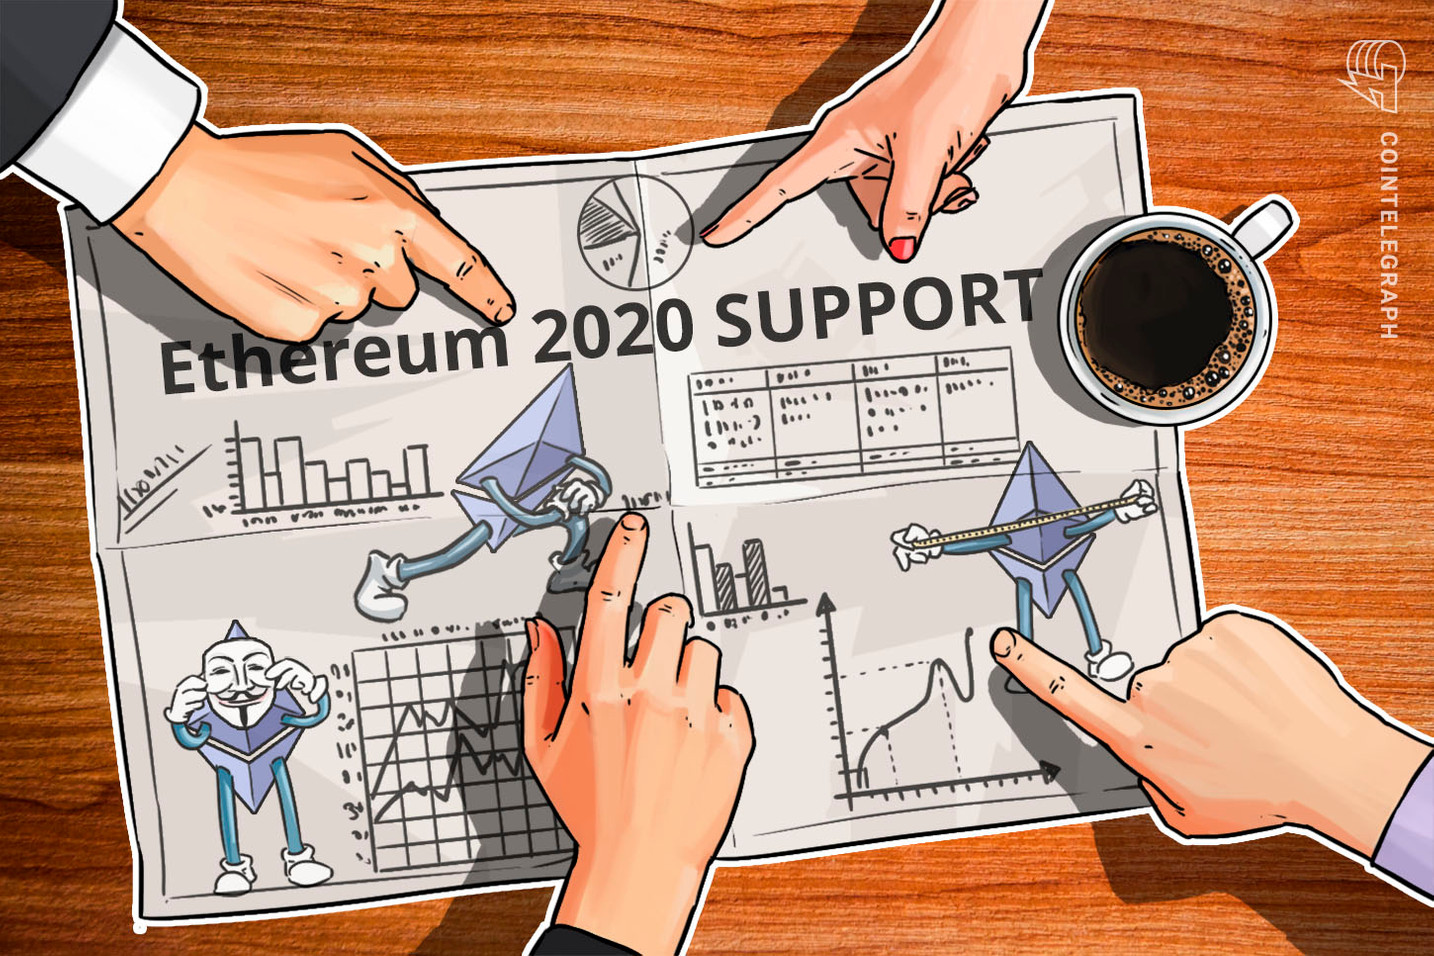 Fidelity Digital Assets considera lançar suporte ao Ether em 2020